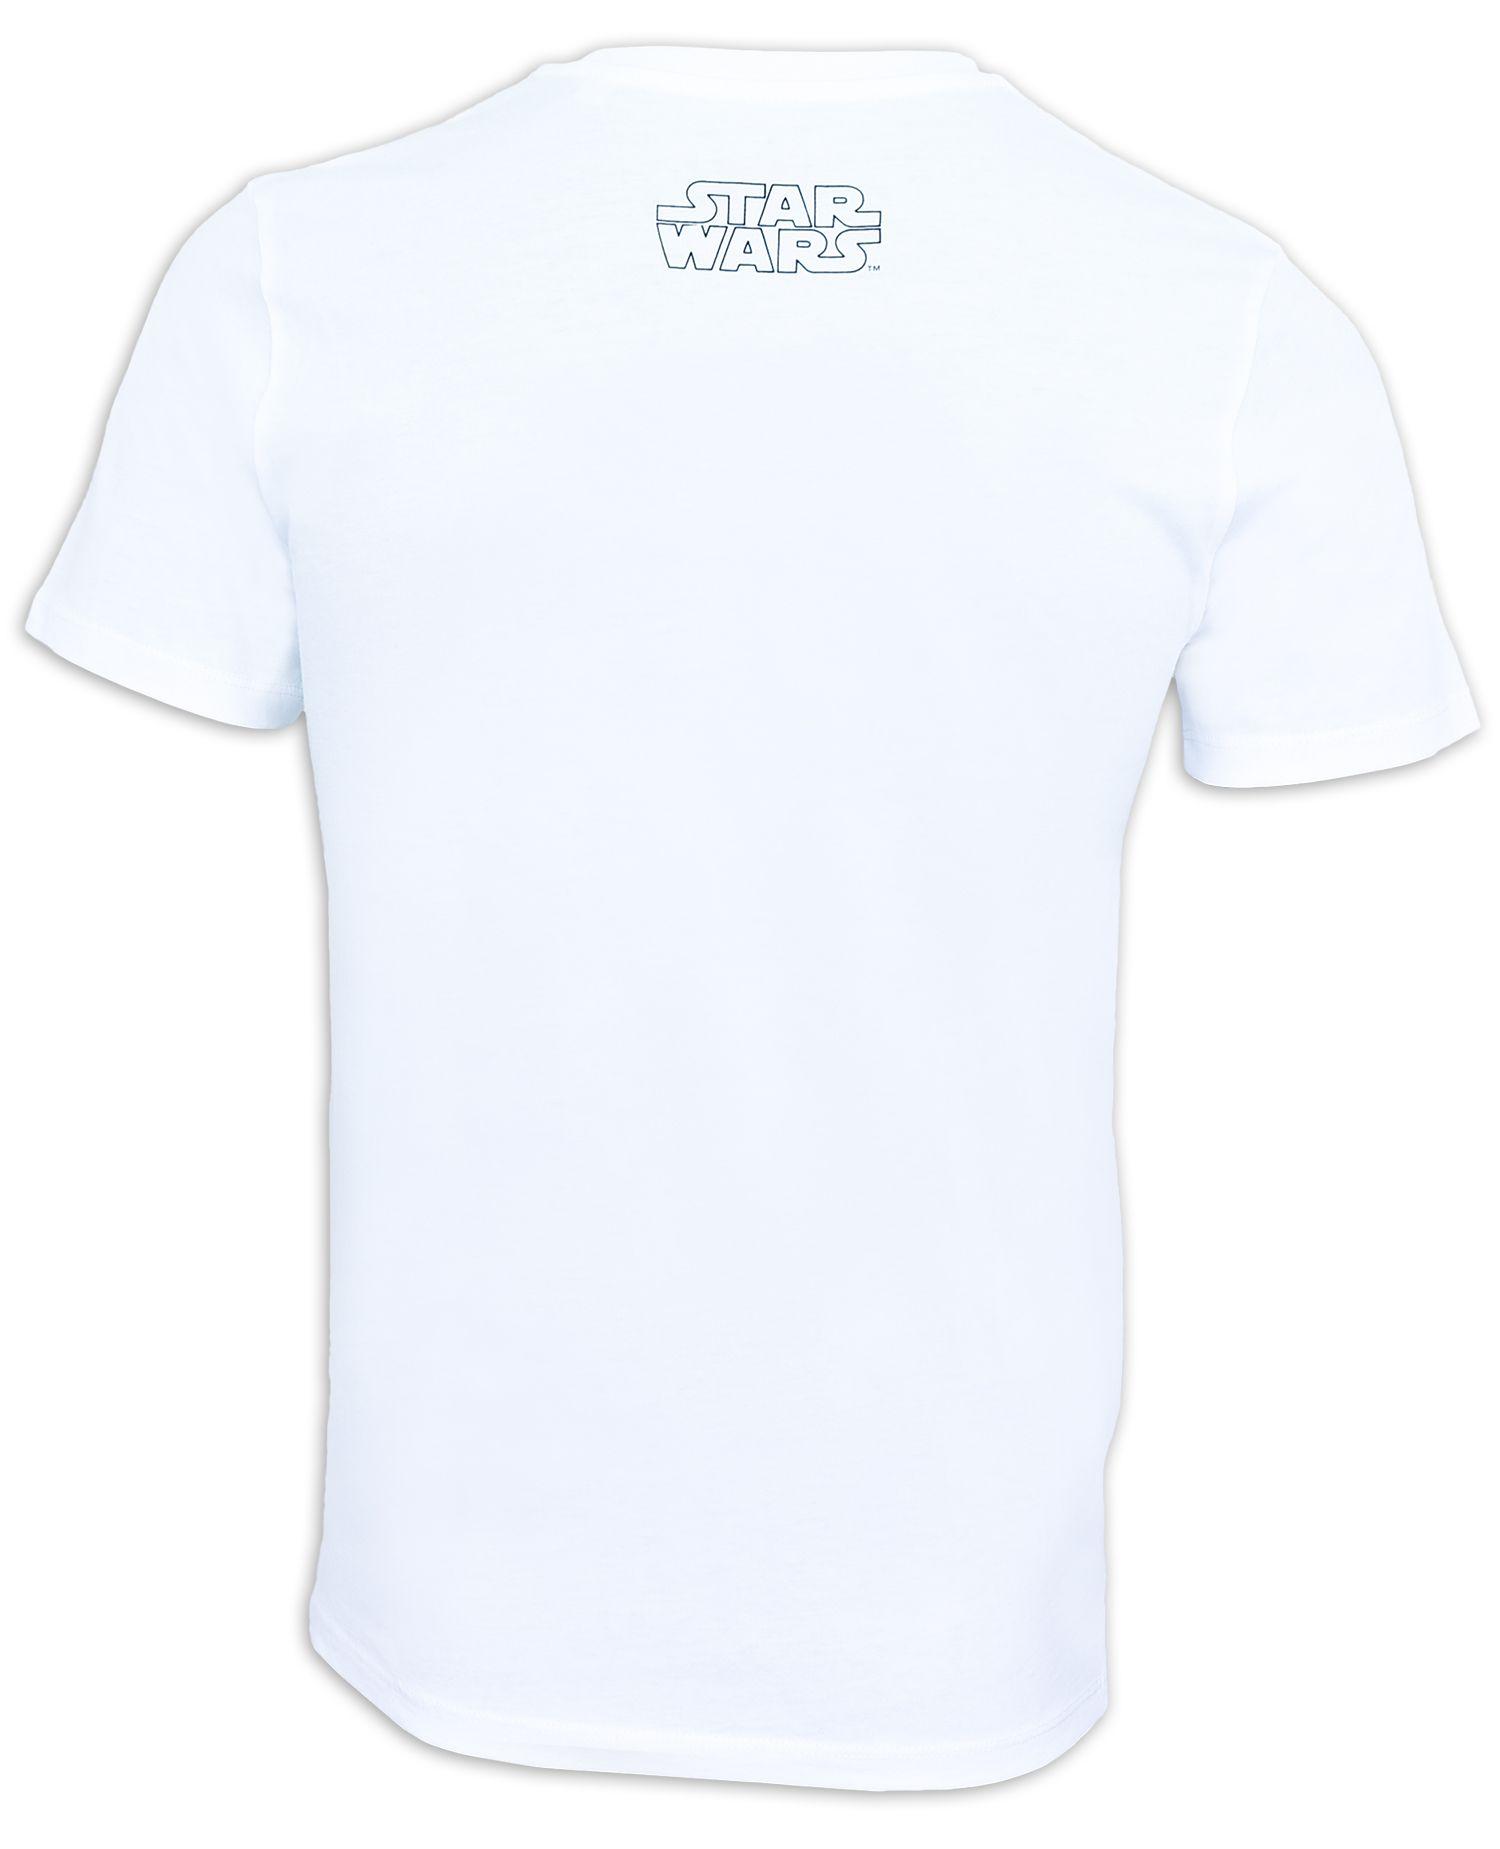 Тениска Star Wars - Chewbacca, бяла - 2